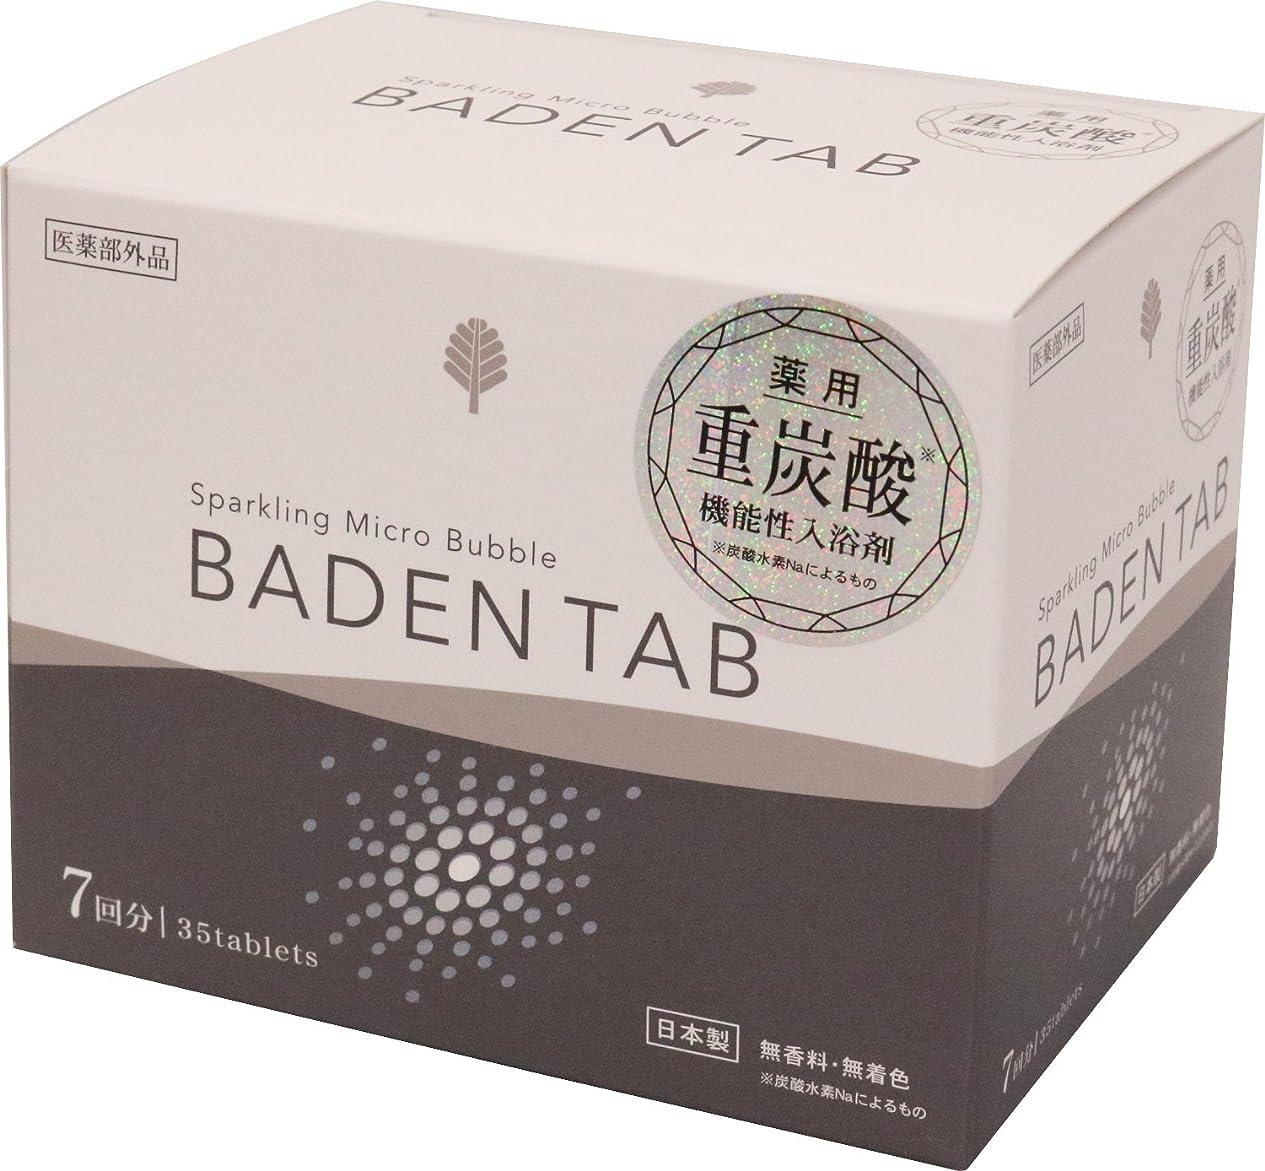 二年生壁トースト紀陽除虫菊 薬用 重炭酸入浴剤 BADEN TAB バスタブレット (7回分) 35錠入り [医薬部外品]